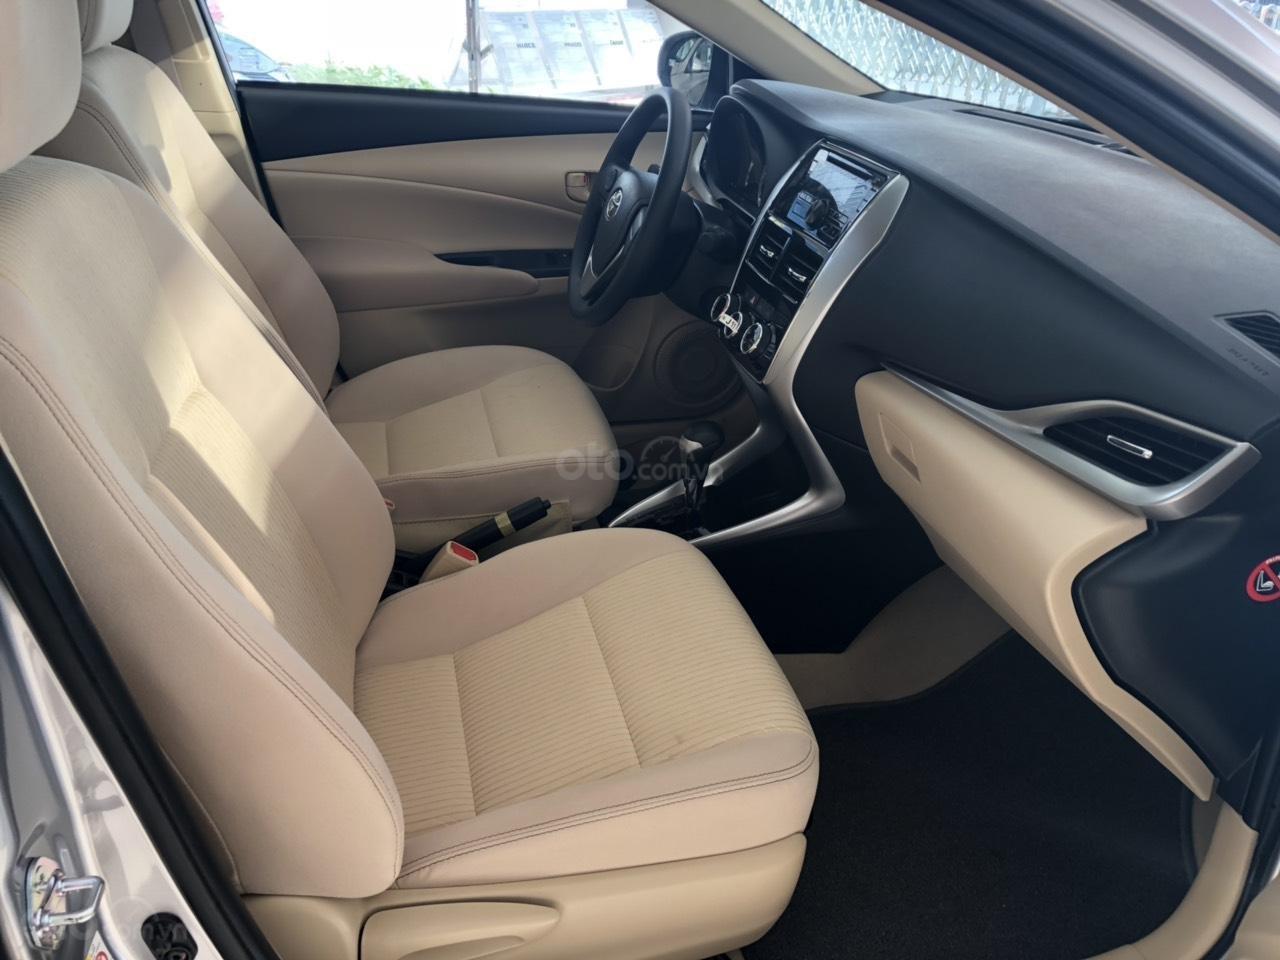 Toyota Vios 1.5E CVT đời 2019, màu bạc, hỗ trợ vay 85%, thanh toán 130tr nhận xe, lãi 0,6%/tháng-3